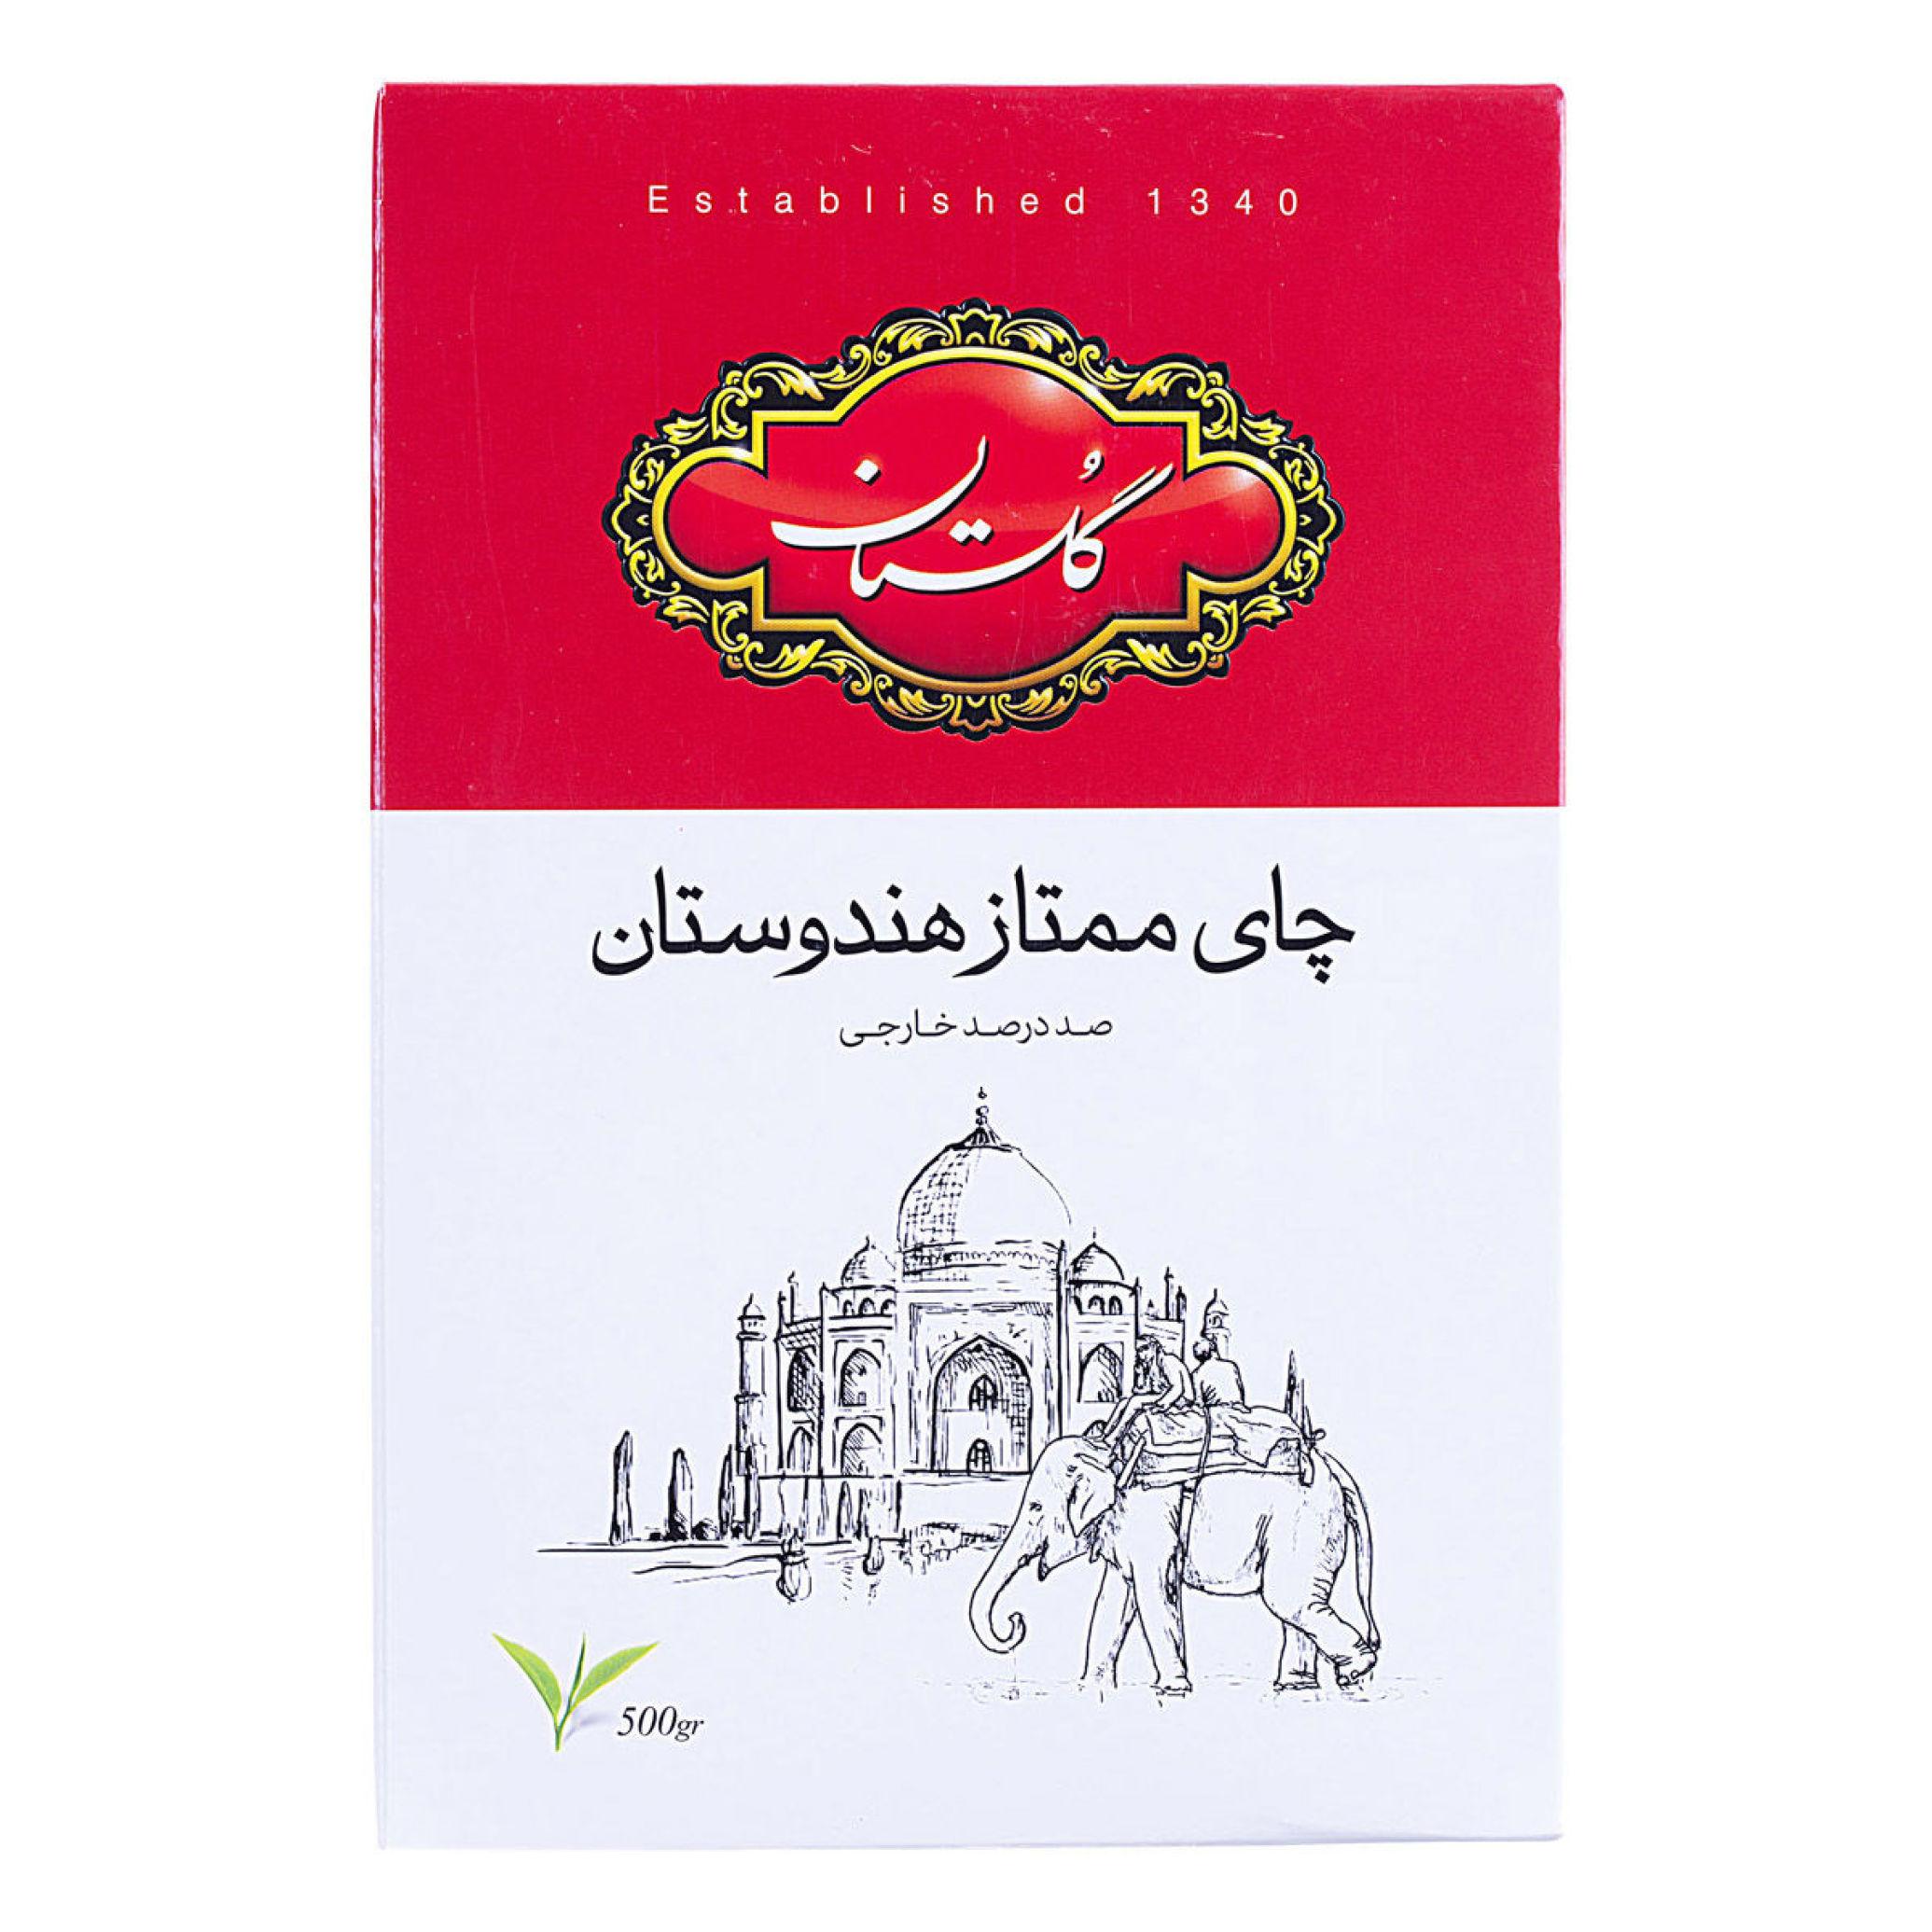 چای ممتاز هندوستان گلستان 500 گرمی خرید انلاین وجیسنک خرید اینترنتی خشکبار چای دمنوش نسکافه اسپرسو زیر قیمت بازار تهران